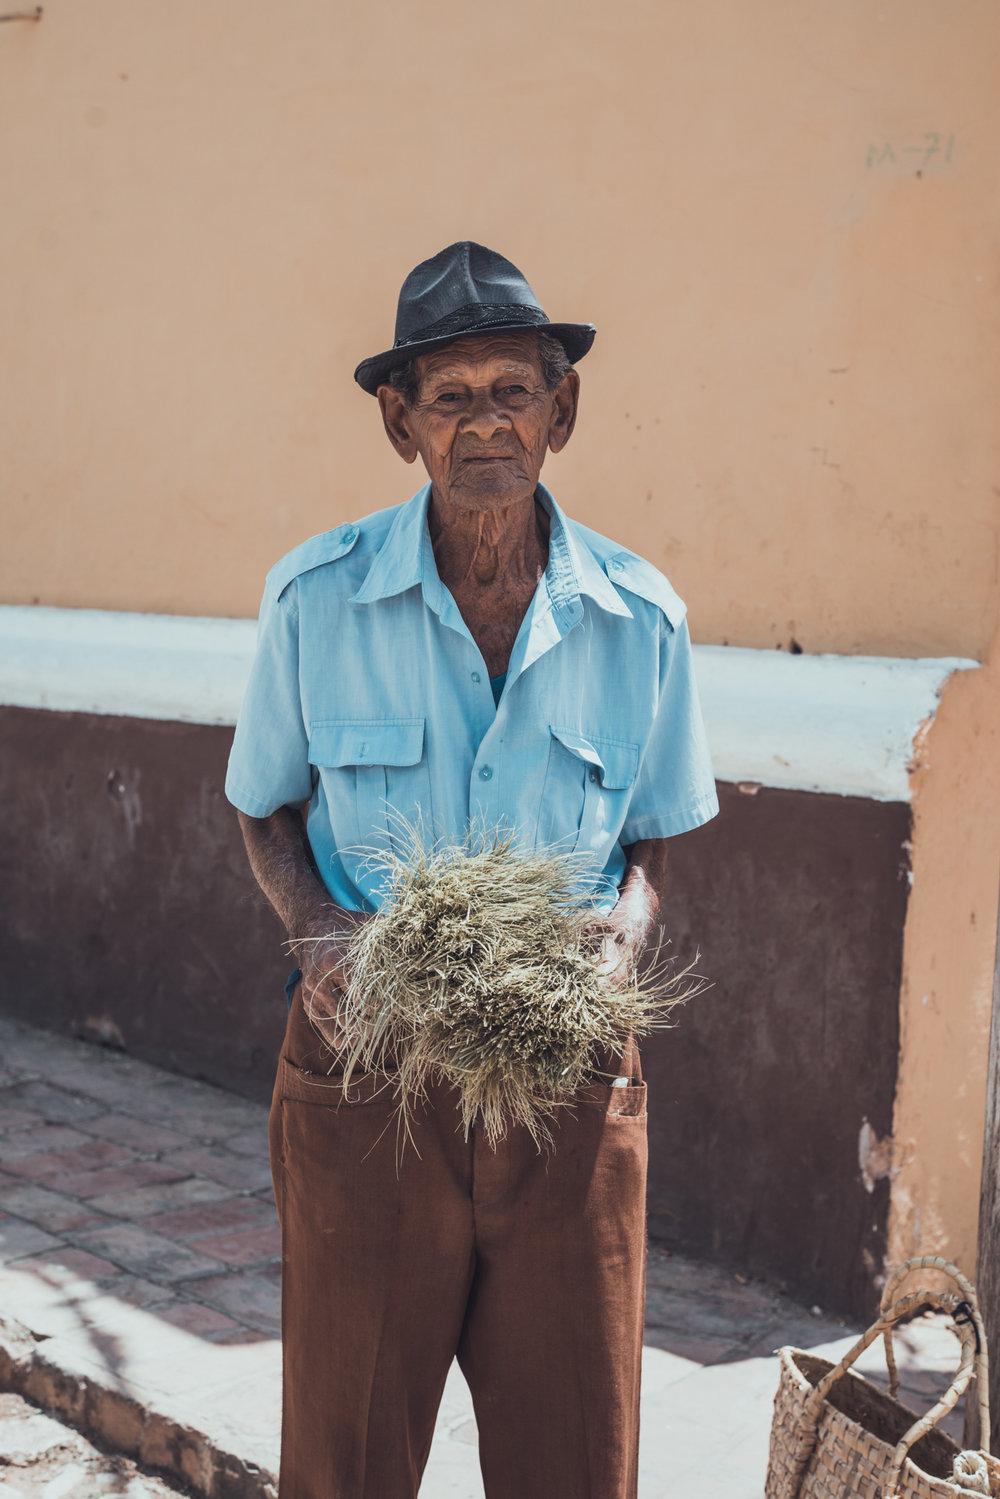 Cuba_StijnHoekstra-53.jpg